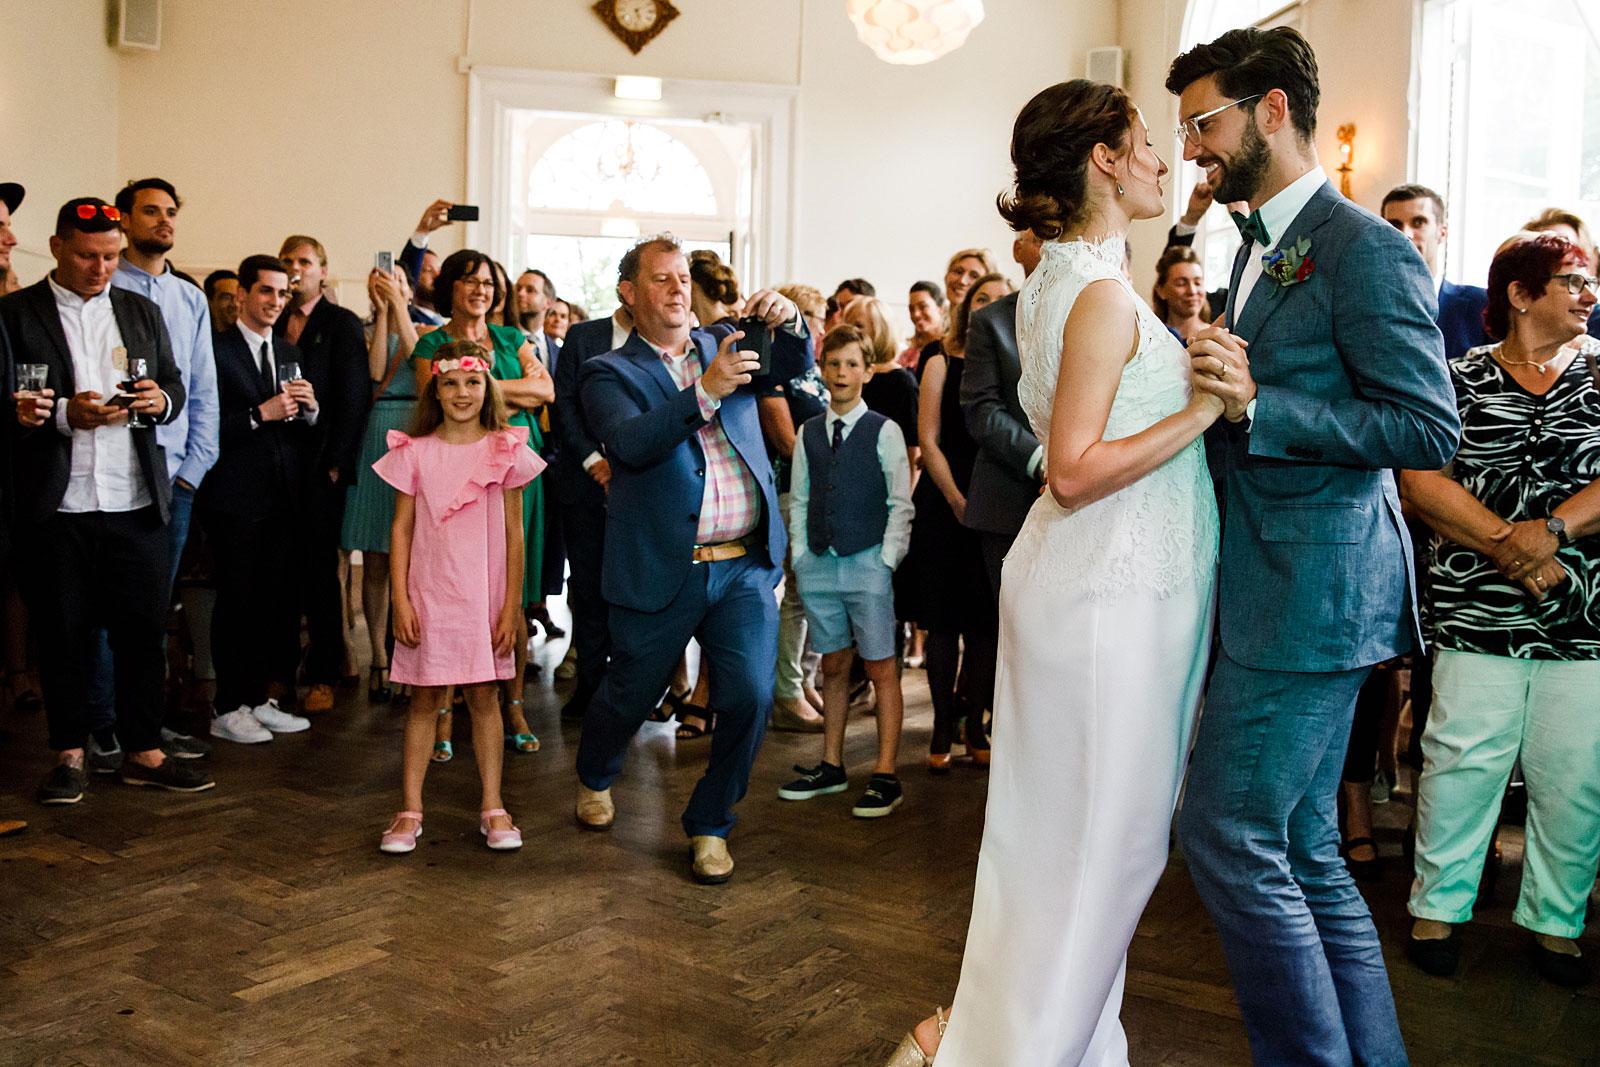 39-bruiloft-feest-tolhuis